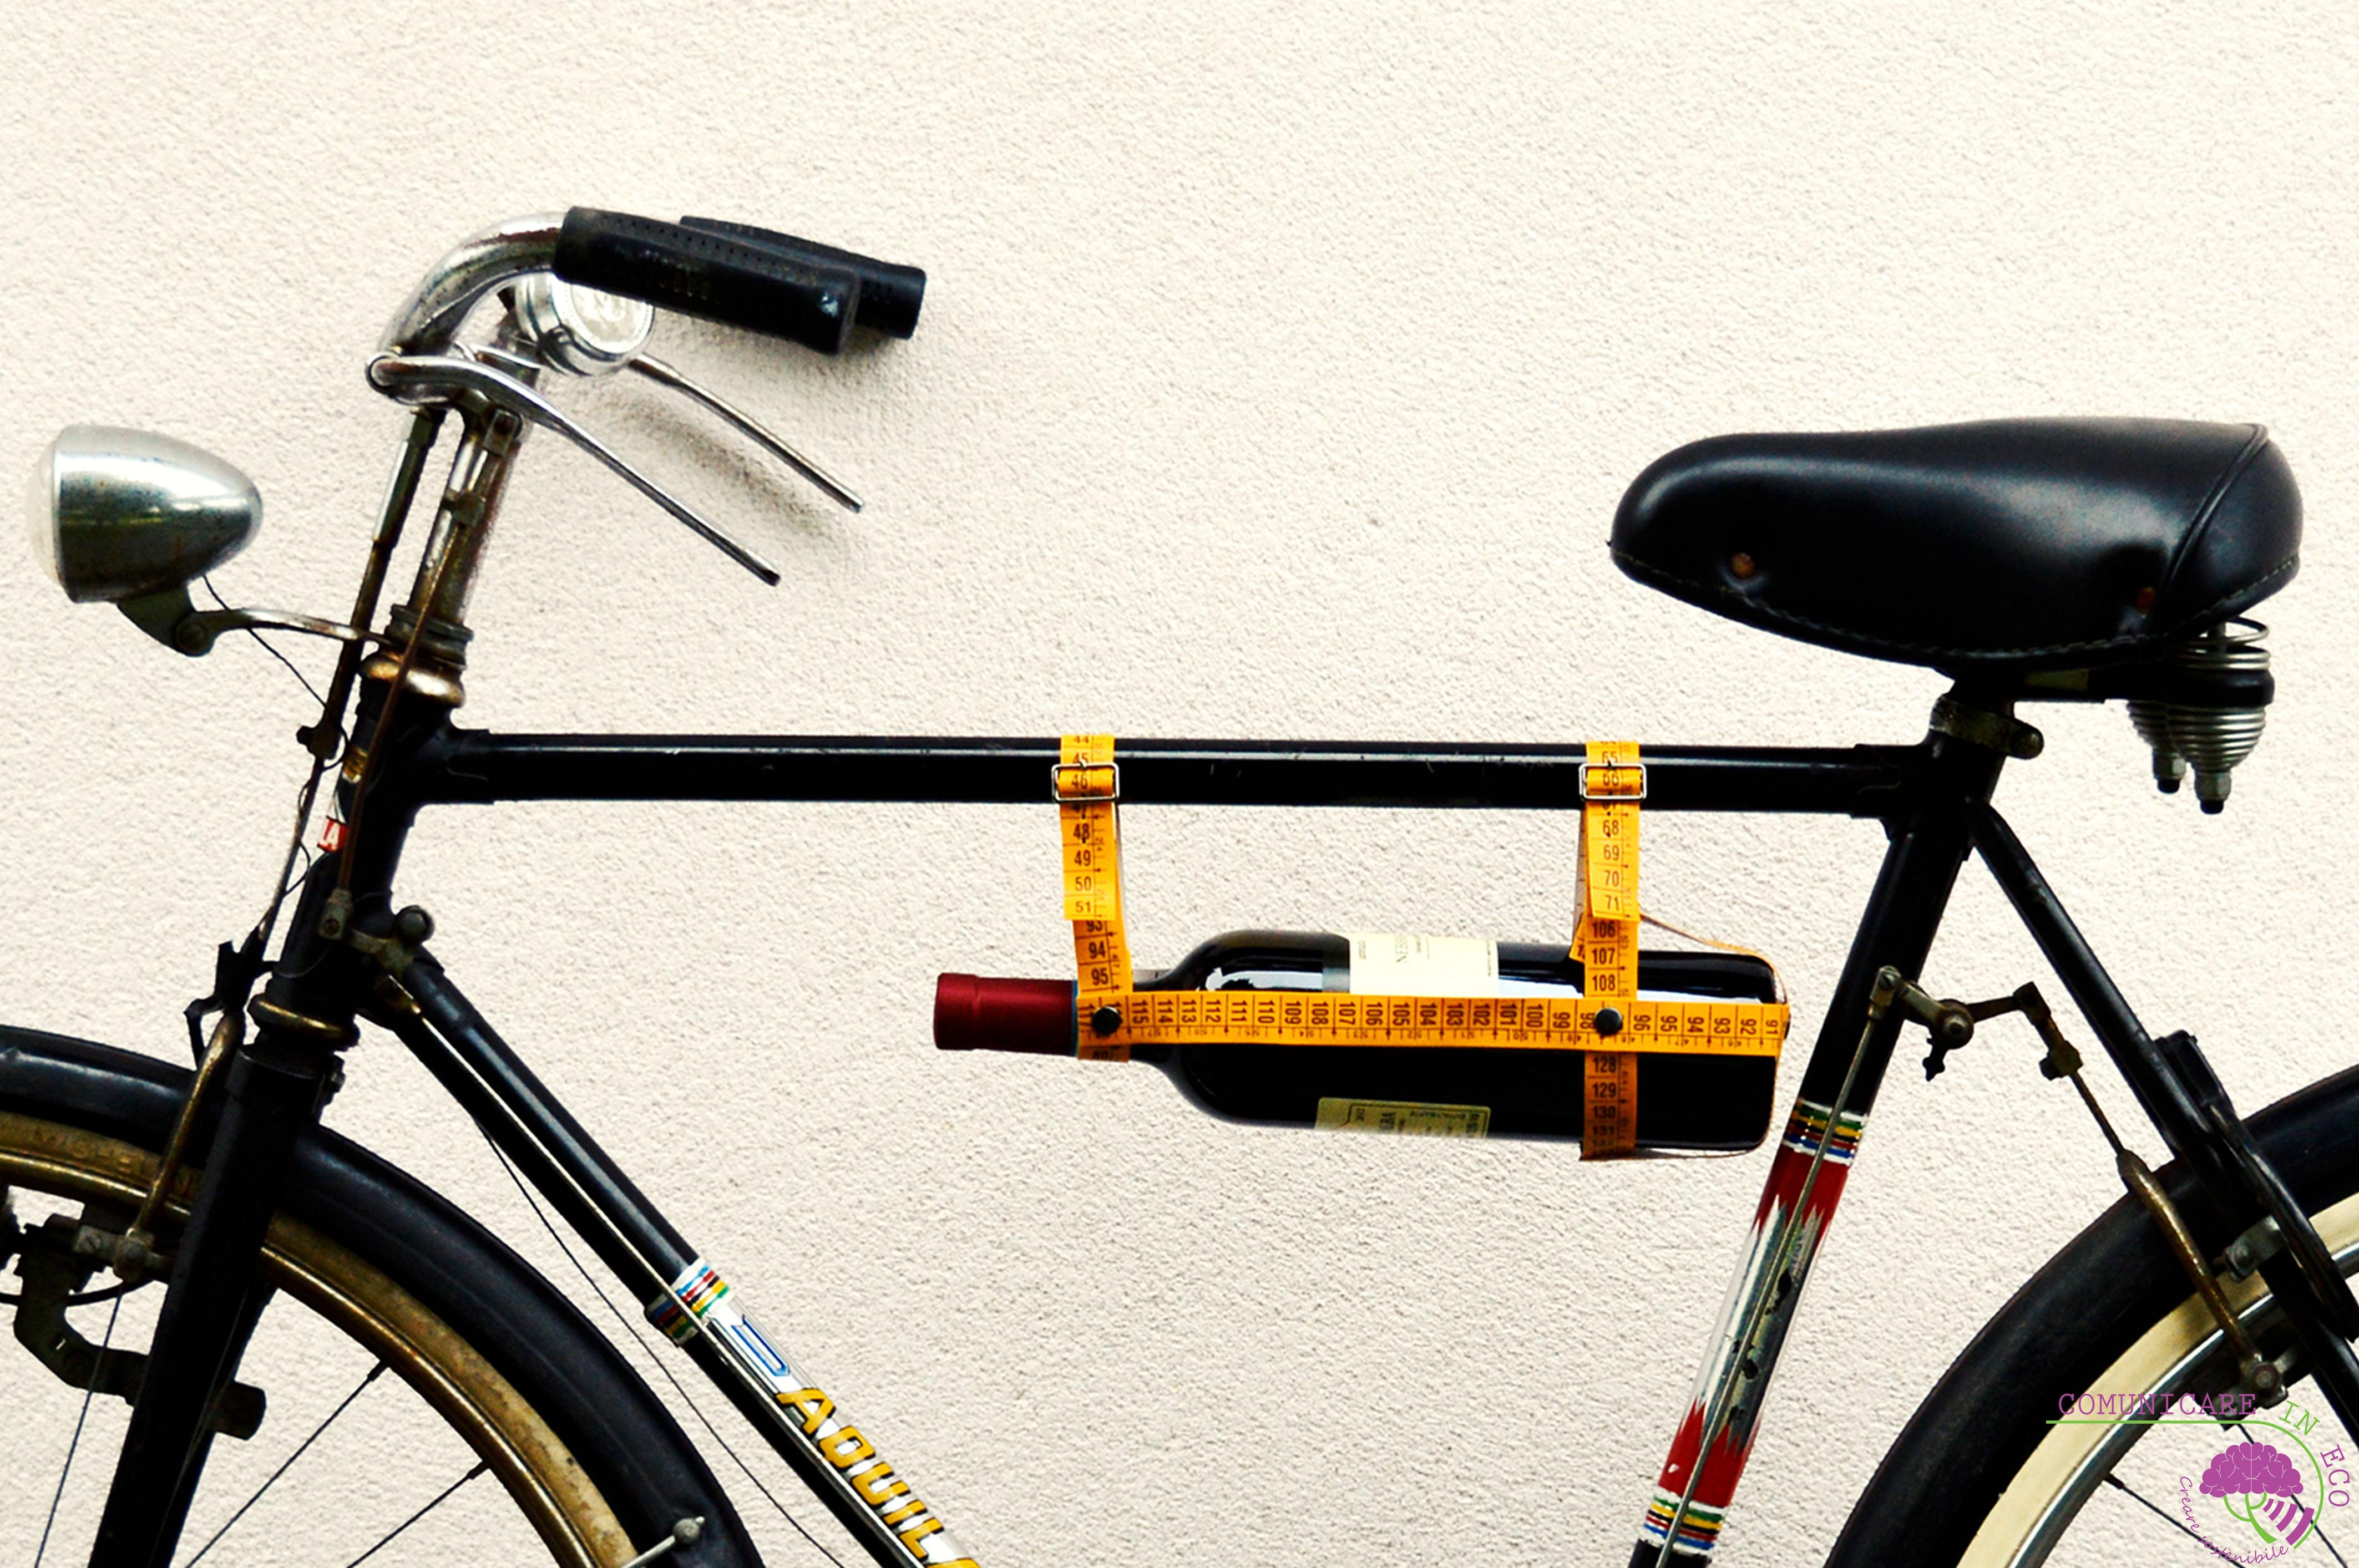 portabottiglie da bici_accessori bici